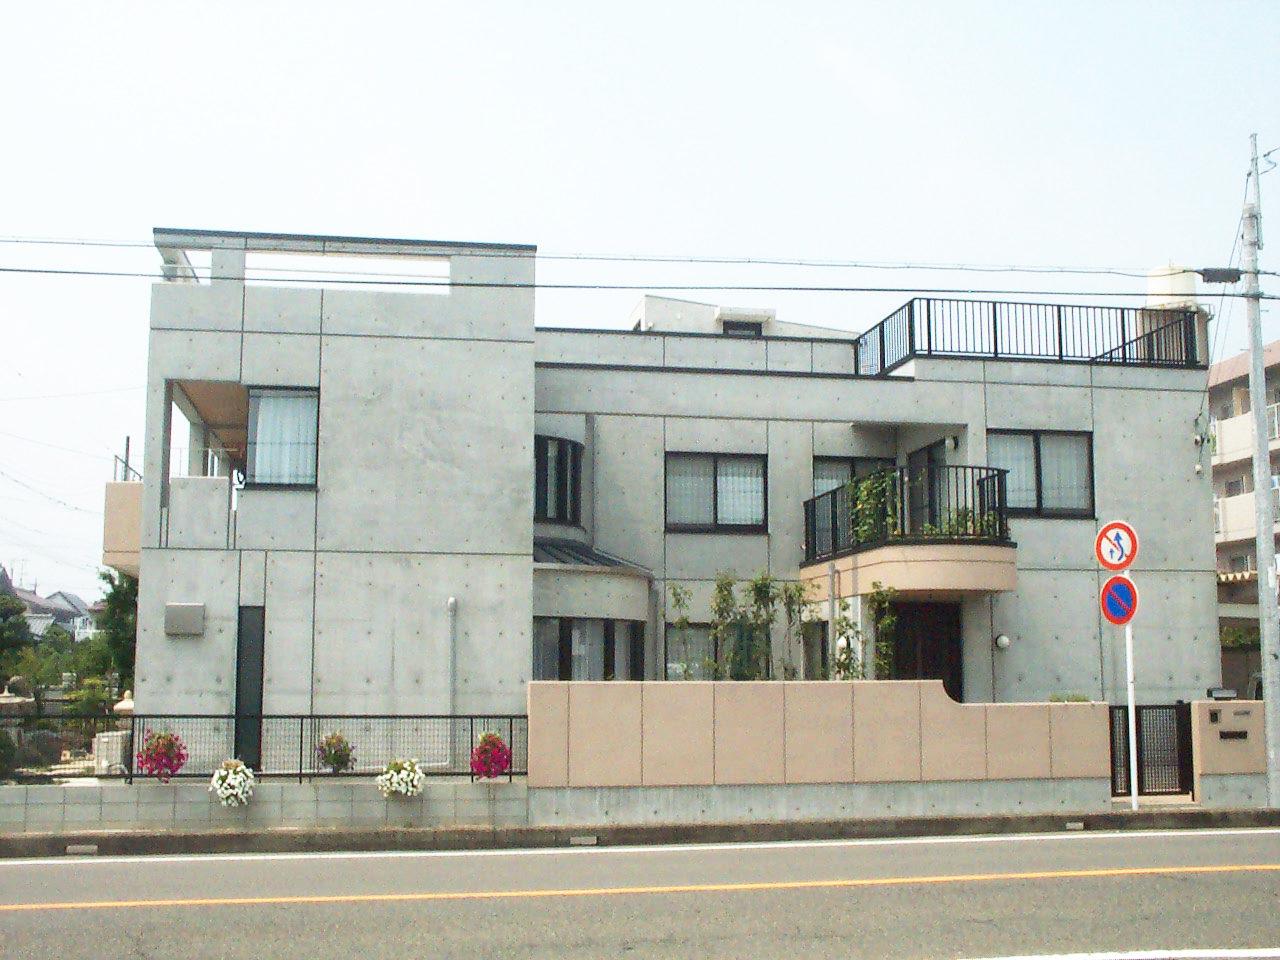 三世帯同居バリアフリー鉄筋コンクリート造注文住宅の新築設計・デザインした外観